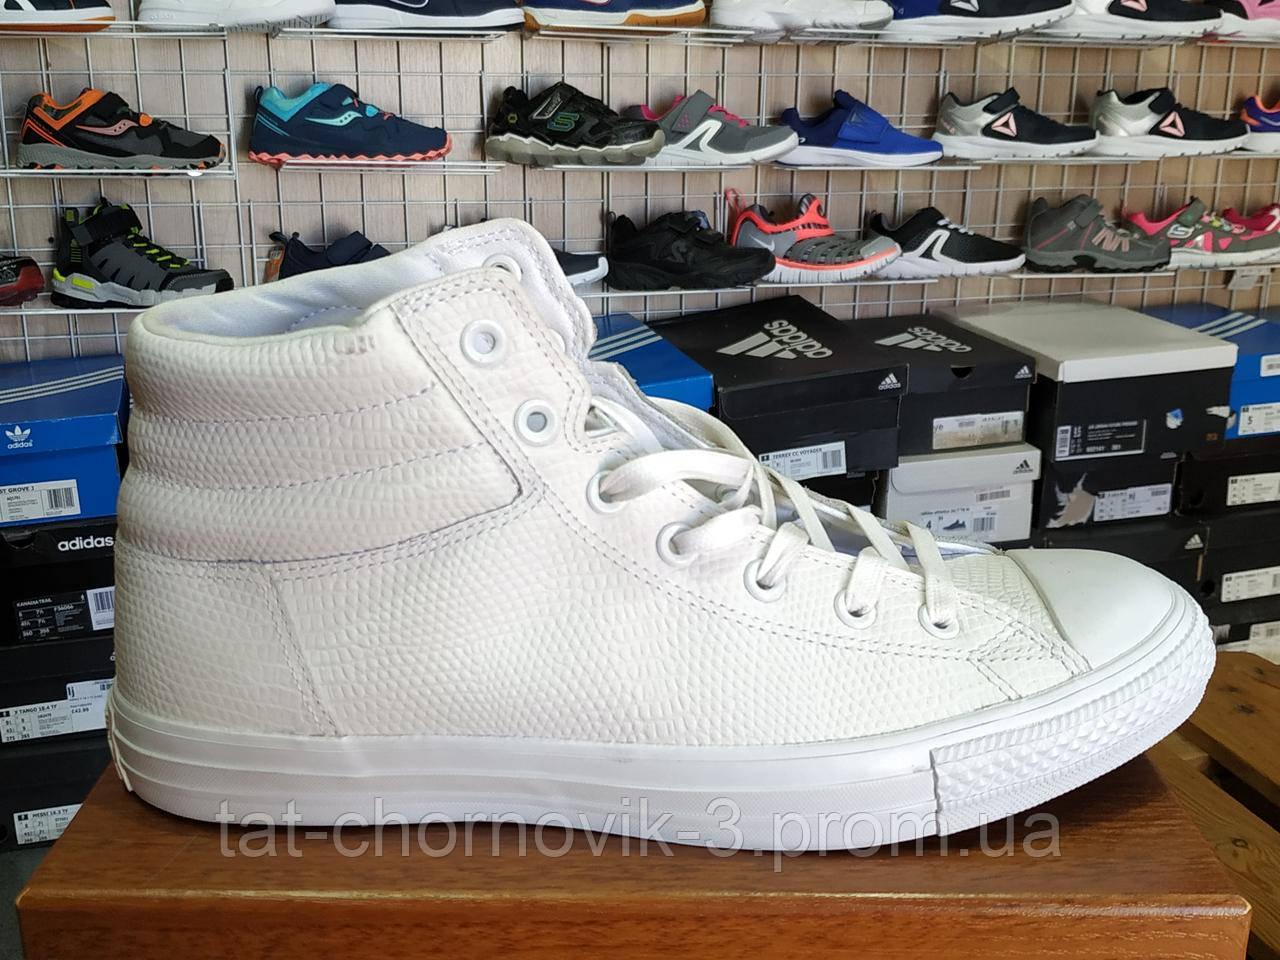 Мужские кеды Converse | Chuck Taylor All Star High-Tip Sneaker (Арт.: 153112С)